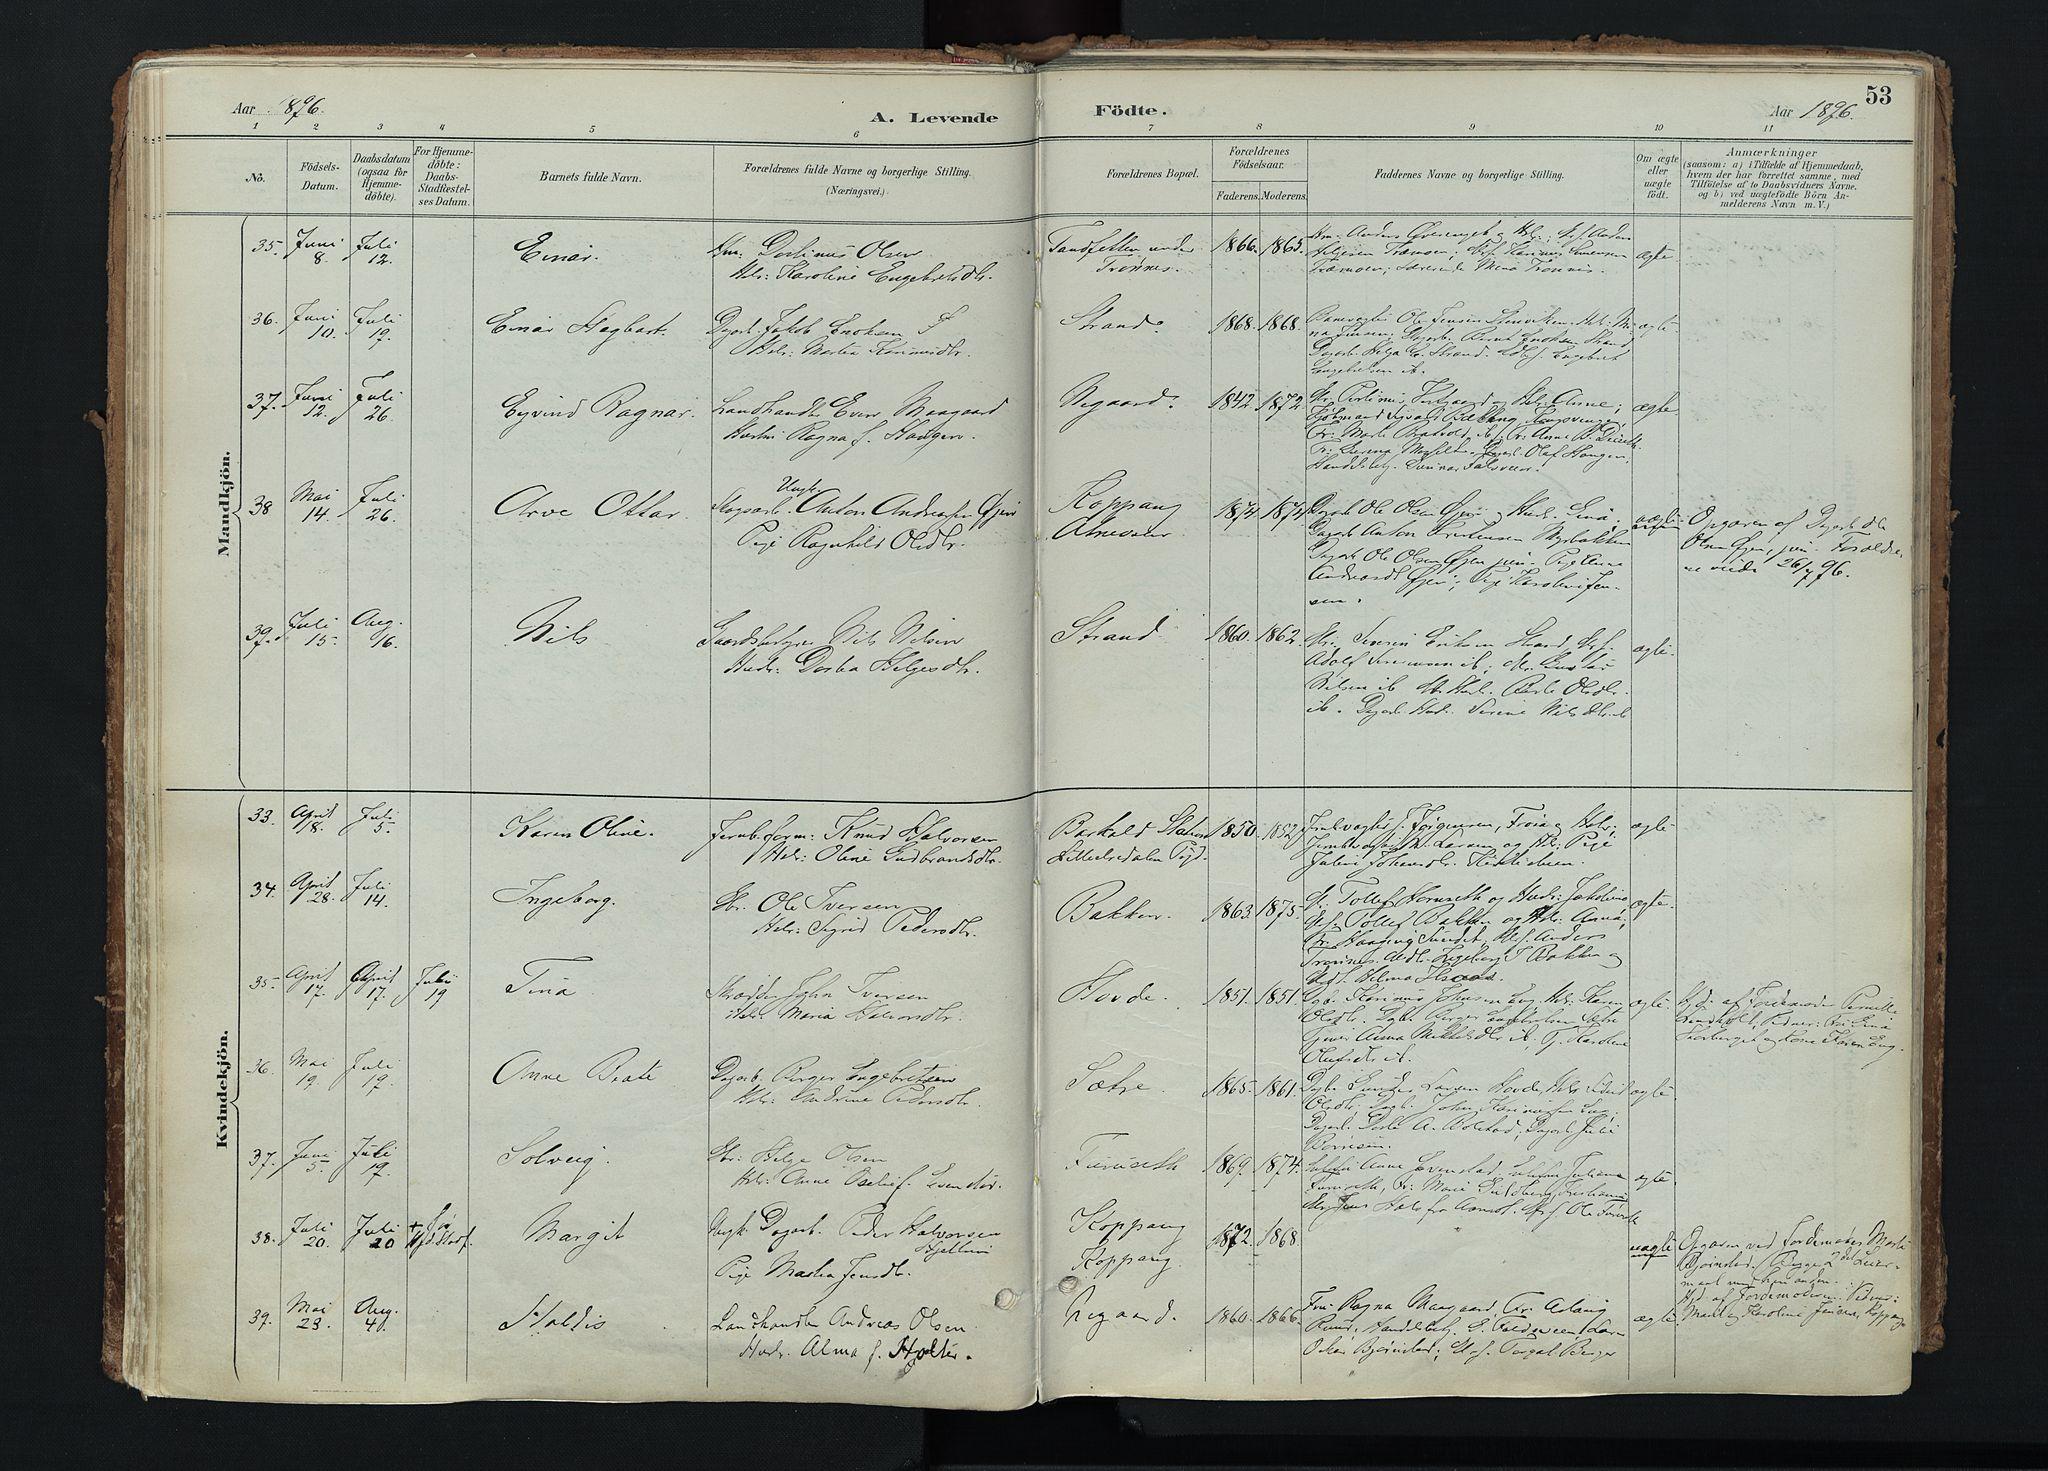 SAH, Stor-Elvdal prestekontor, Ministerialbok nr. 4, 1890-1922, s. 53